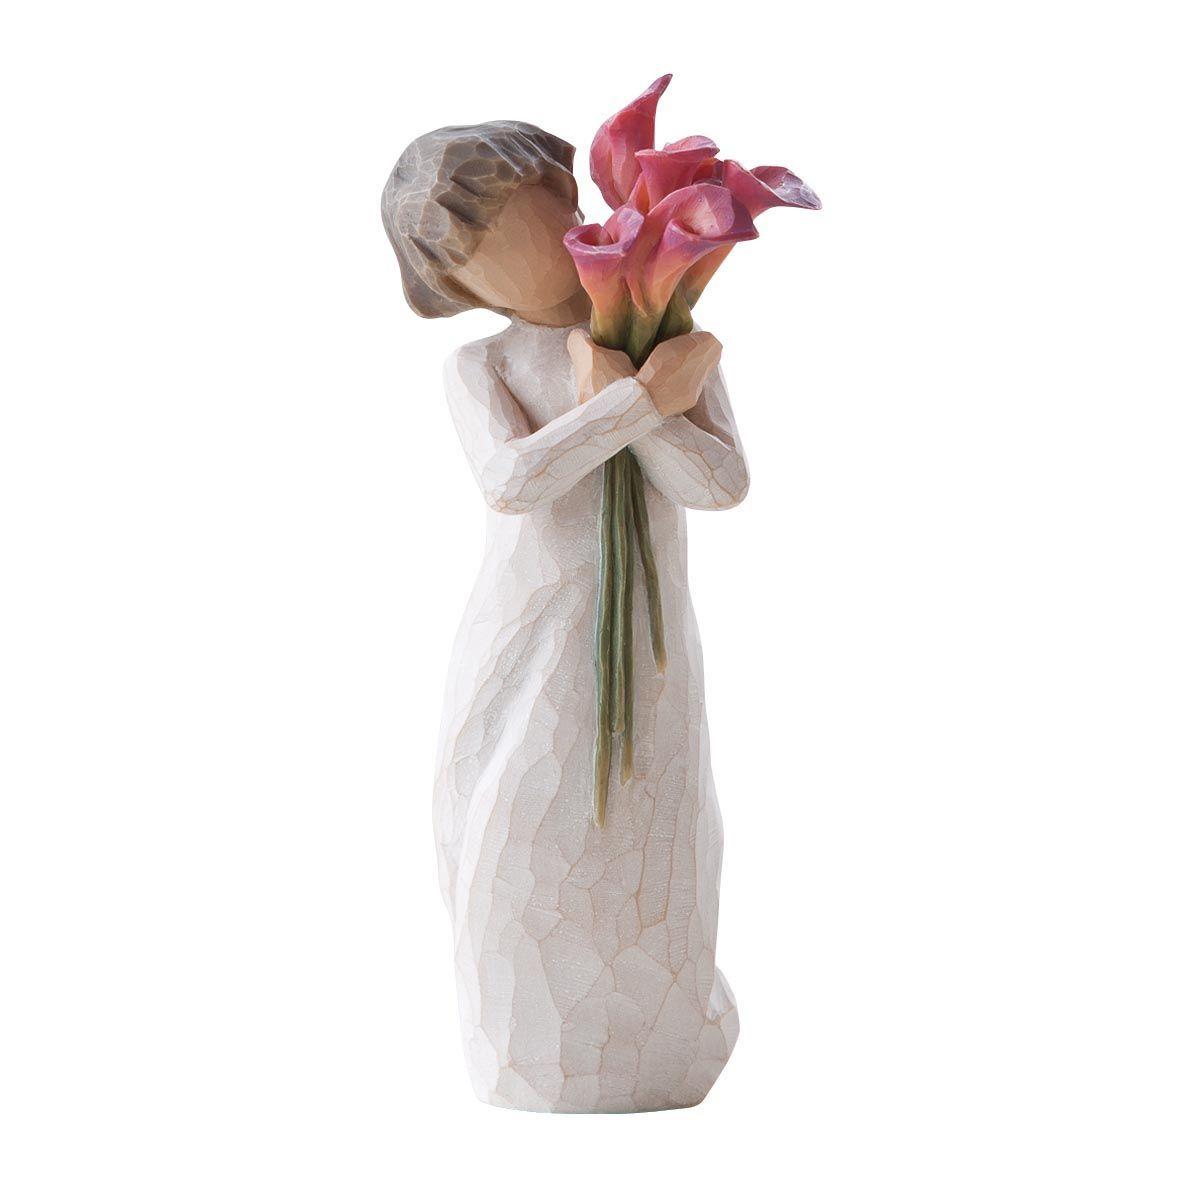 Фигурка Willow Tree Расцветать, 14 см27159Эти прекрасные статуэтки созданы канадским скульптором Сьюзан Лорди. Каждая фигурка – это настоящее произведение искусства, образная скульптура в миниатюре, изображающая эмоции и чувства, которые помогают нам чувствовать себя ближе к другим, верить в мечту, выражать любовь. Каждая фигурка помещена в красивую упаковку. Купить такой оригинальный подарок, значит не только украсить интерьер помещения или жилой комнаты, но выразить свое глубокое отношение к любимому человеку. Этот прекрасный сувенир будет лучшим подарком на день ангела, именины, день рождения, юбилей. Материал: Искусственный камень (49% карбонат кальция мелкозернистой разновидности, 51% искусственный камень)